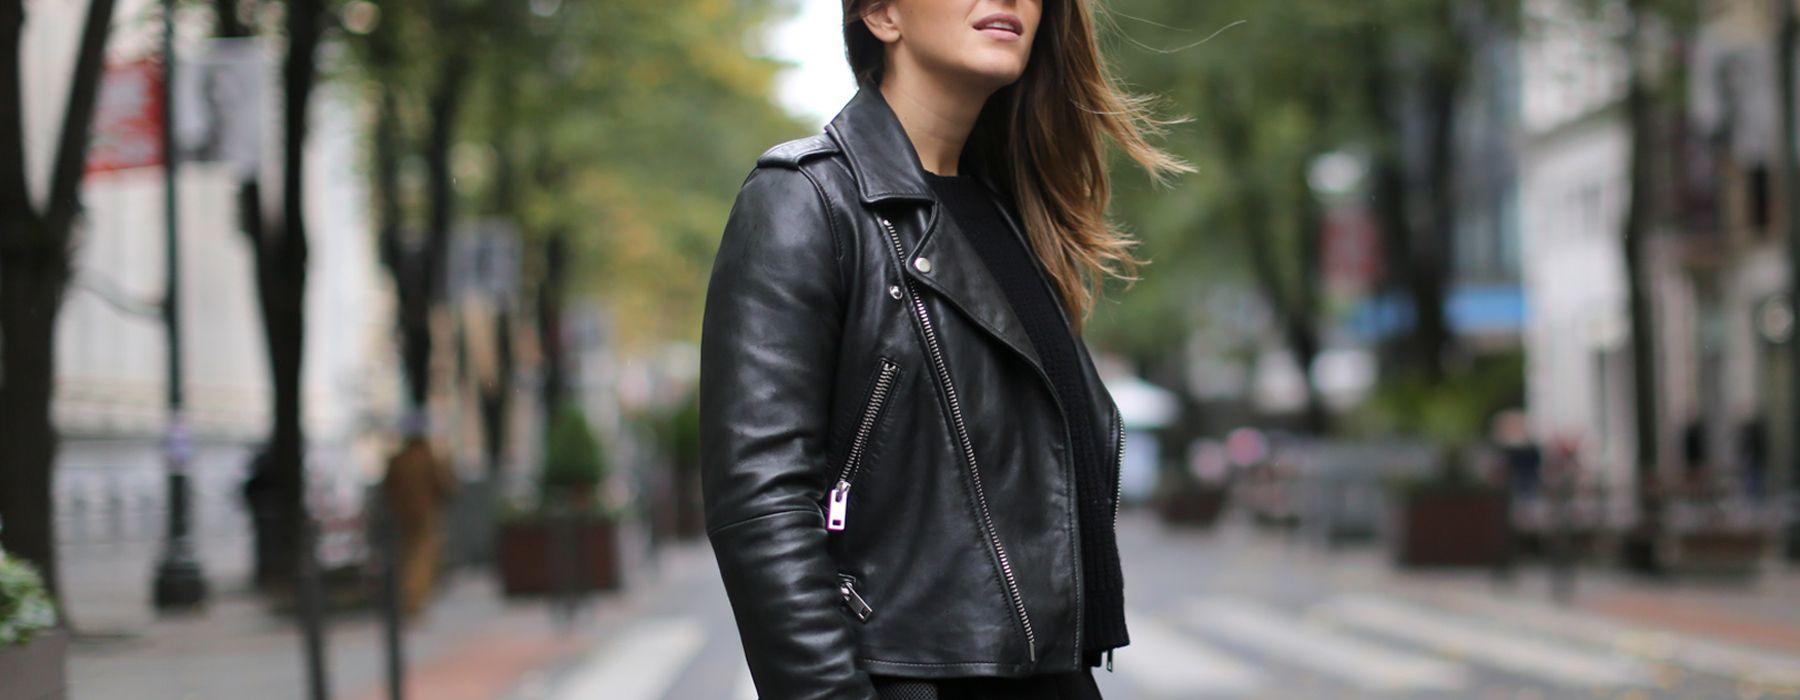 Le giacche di pelle più trendy della primavera